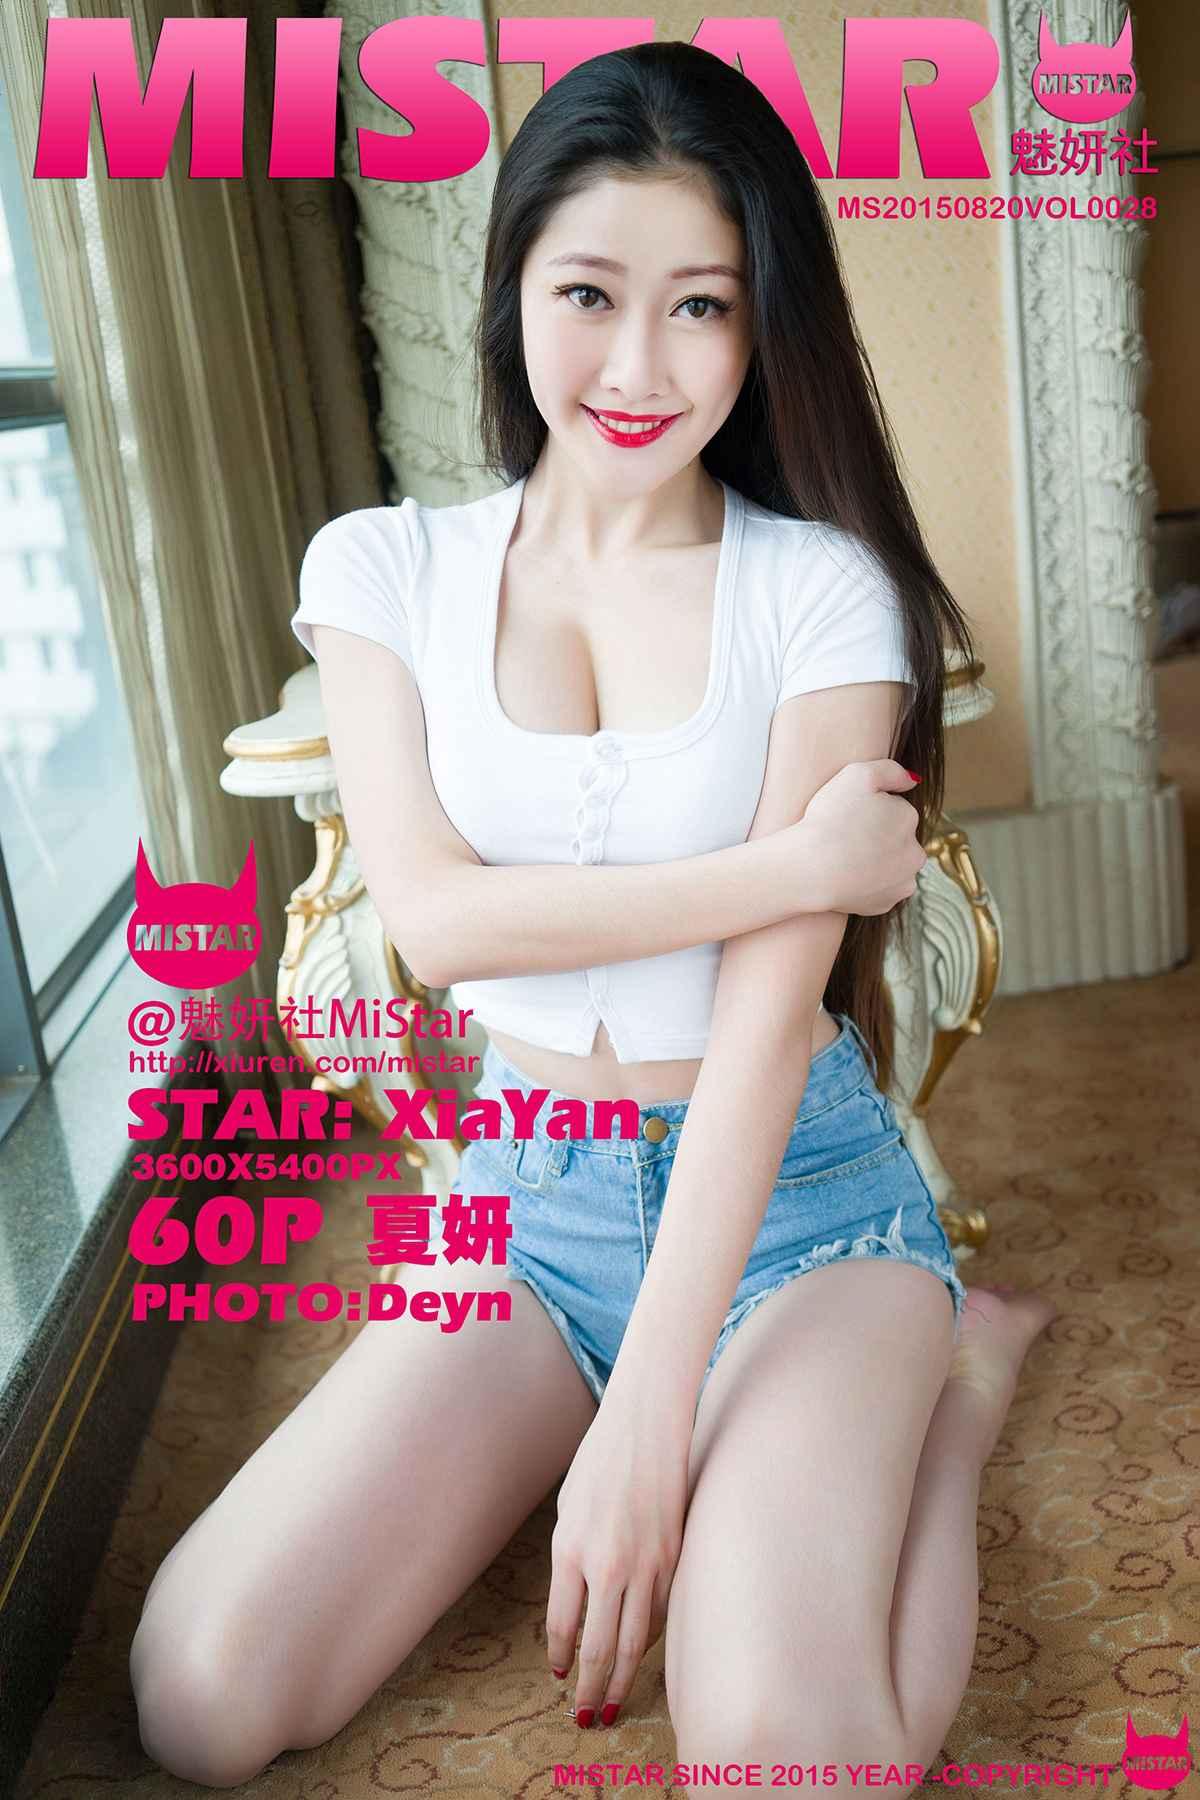 mistar-028-cover.jpg